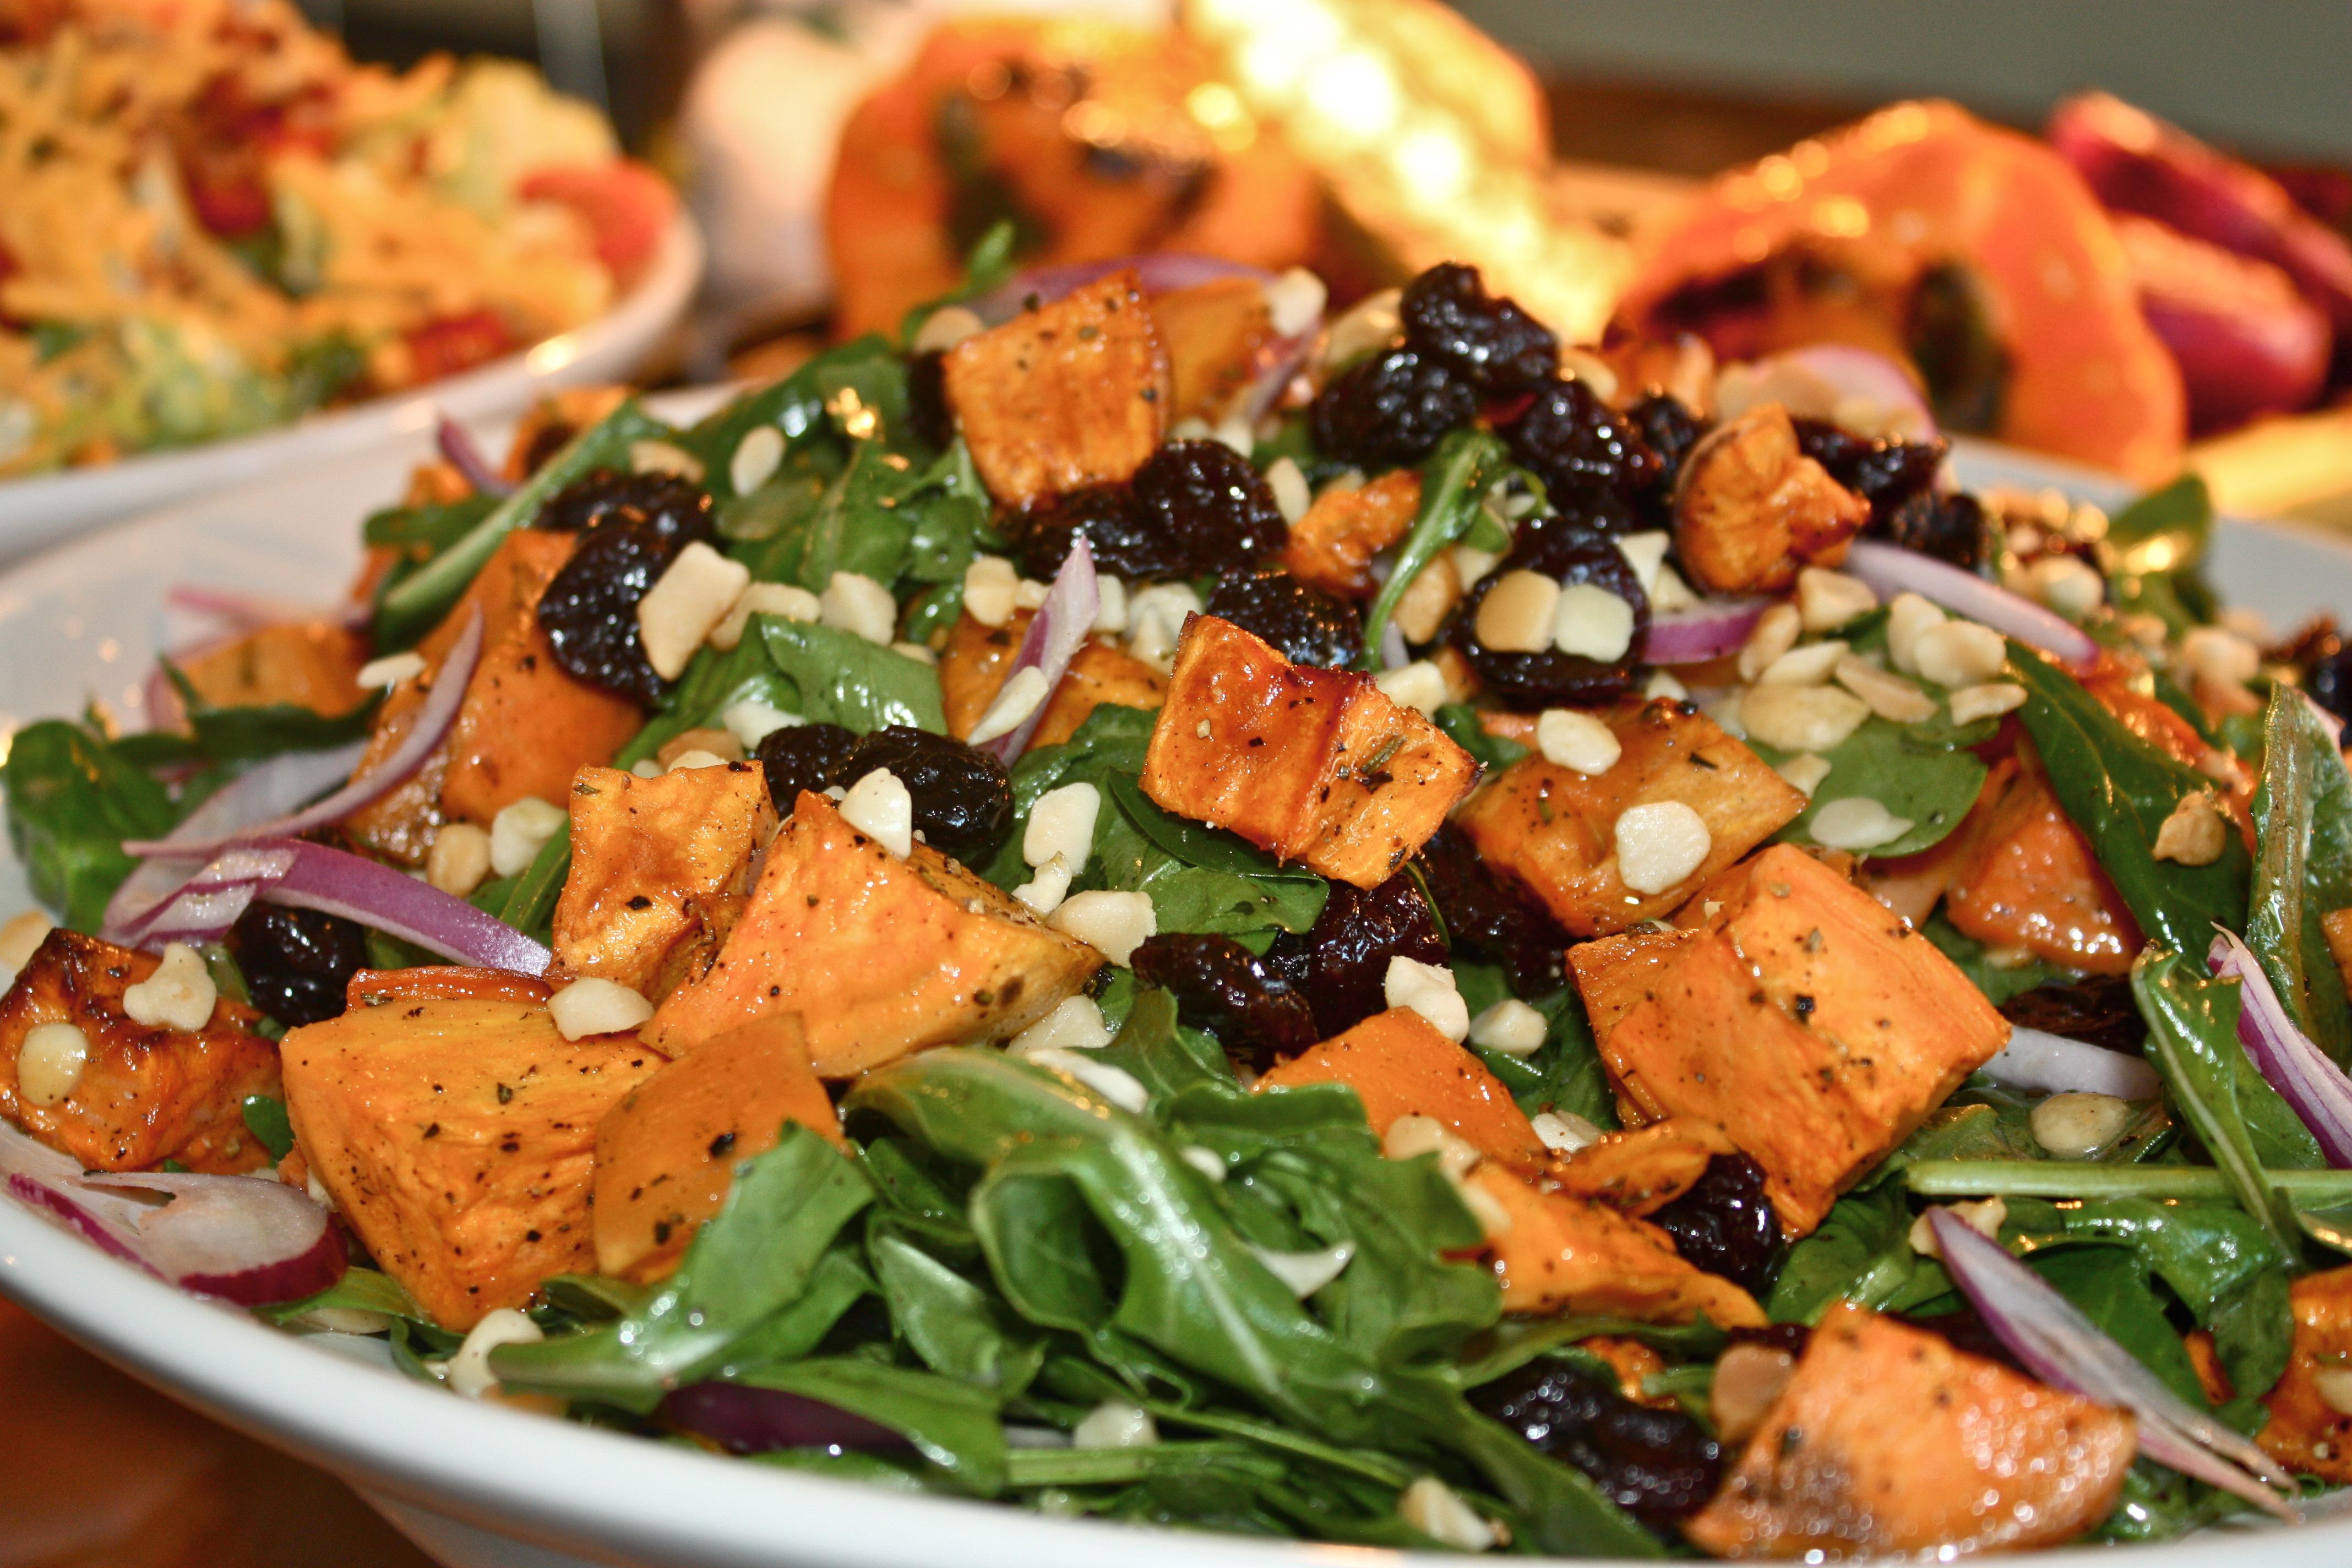 Southern Comfort Salad: